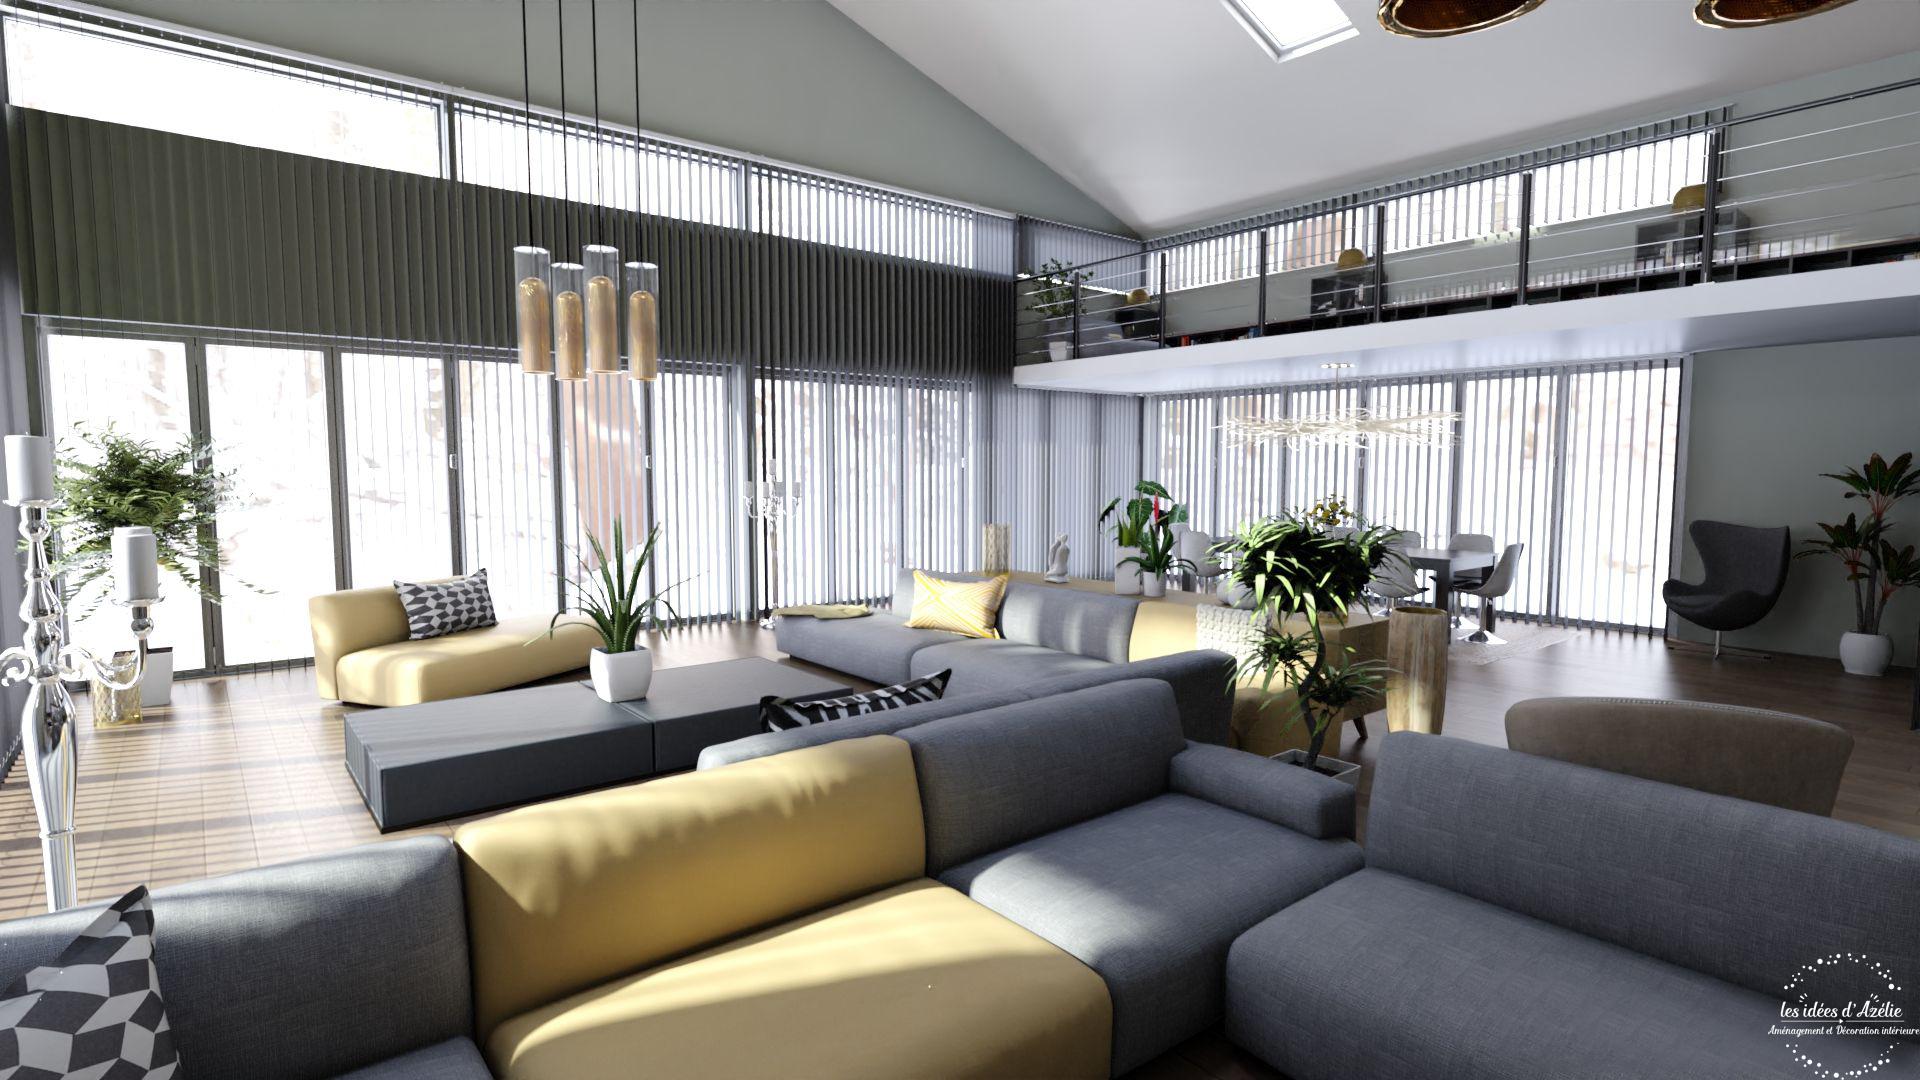 Vue salle à manger depuis le salon - visuel 3D